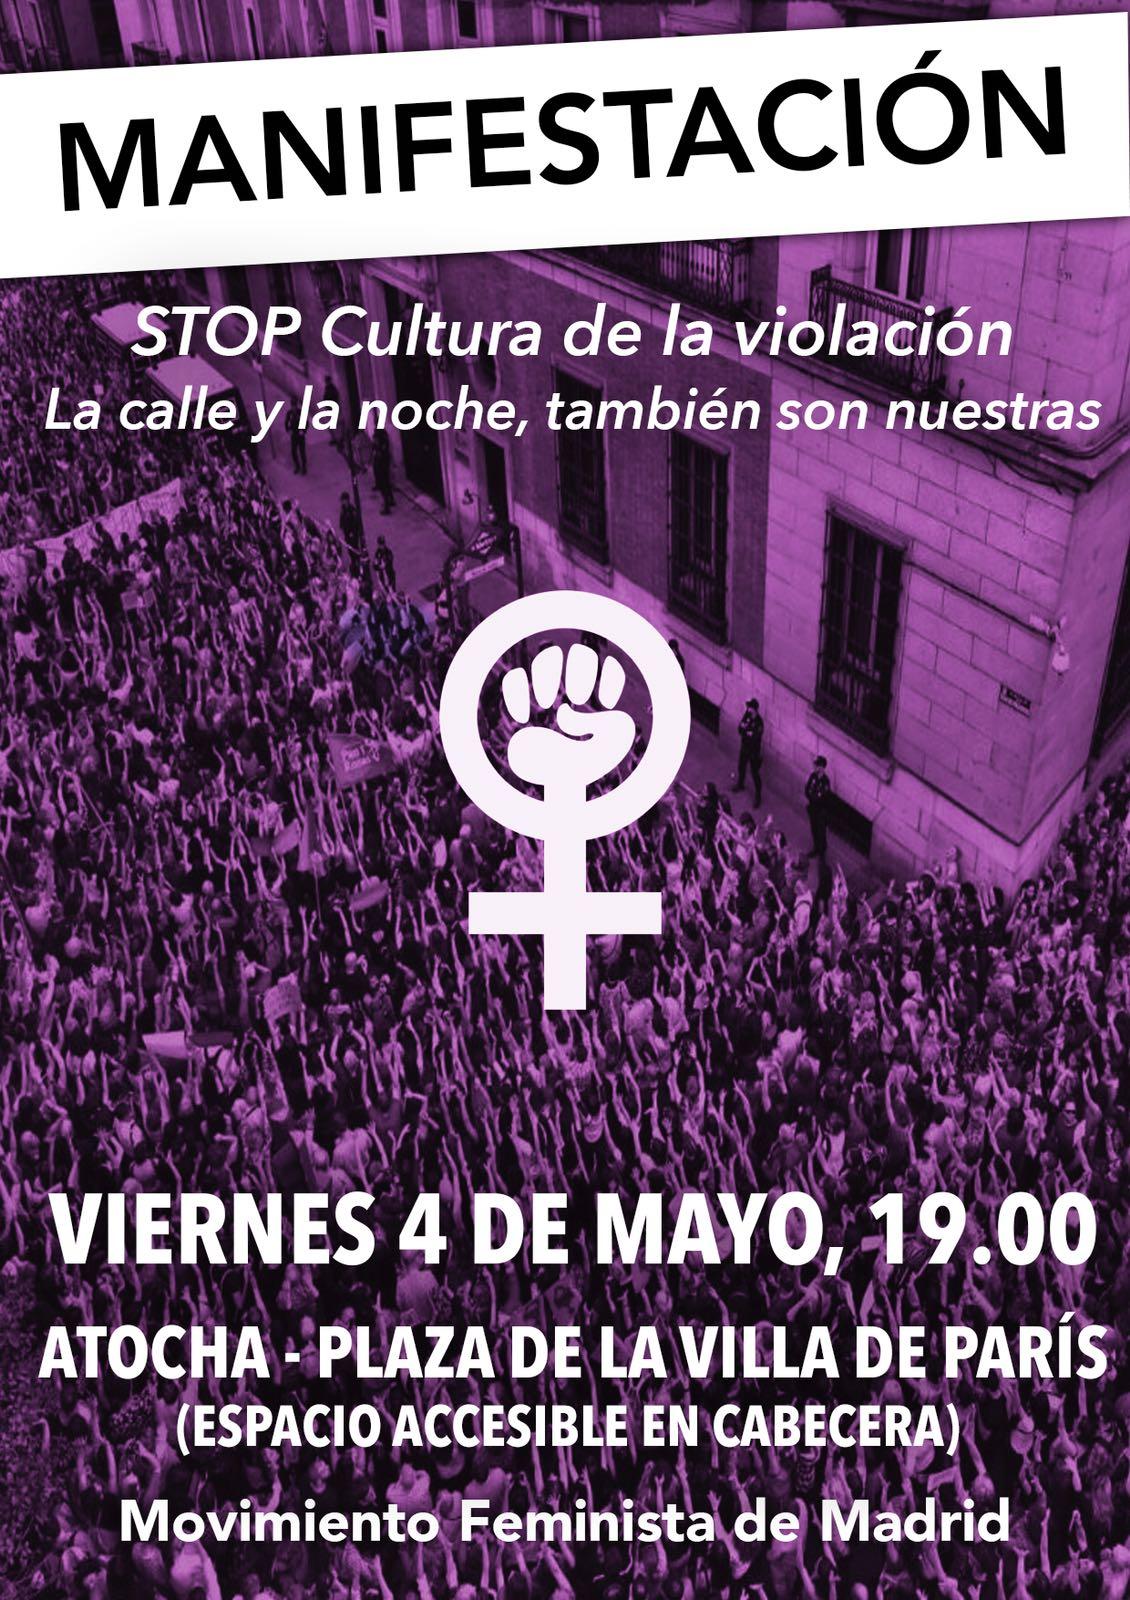 Manifestazione Venerdì 04 Maggio 2018 a Madrid Stop Cultura de la violación . Feminismo madrid